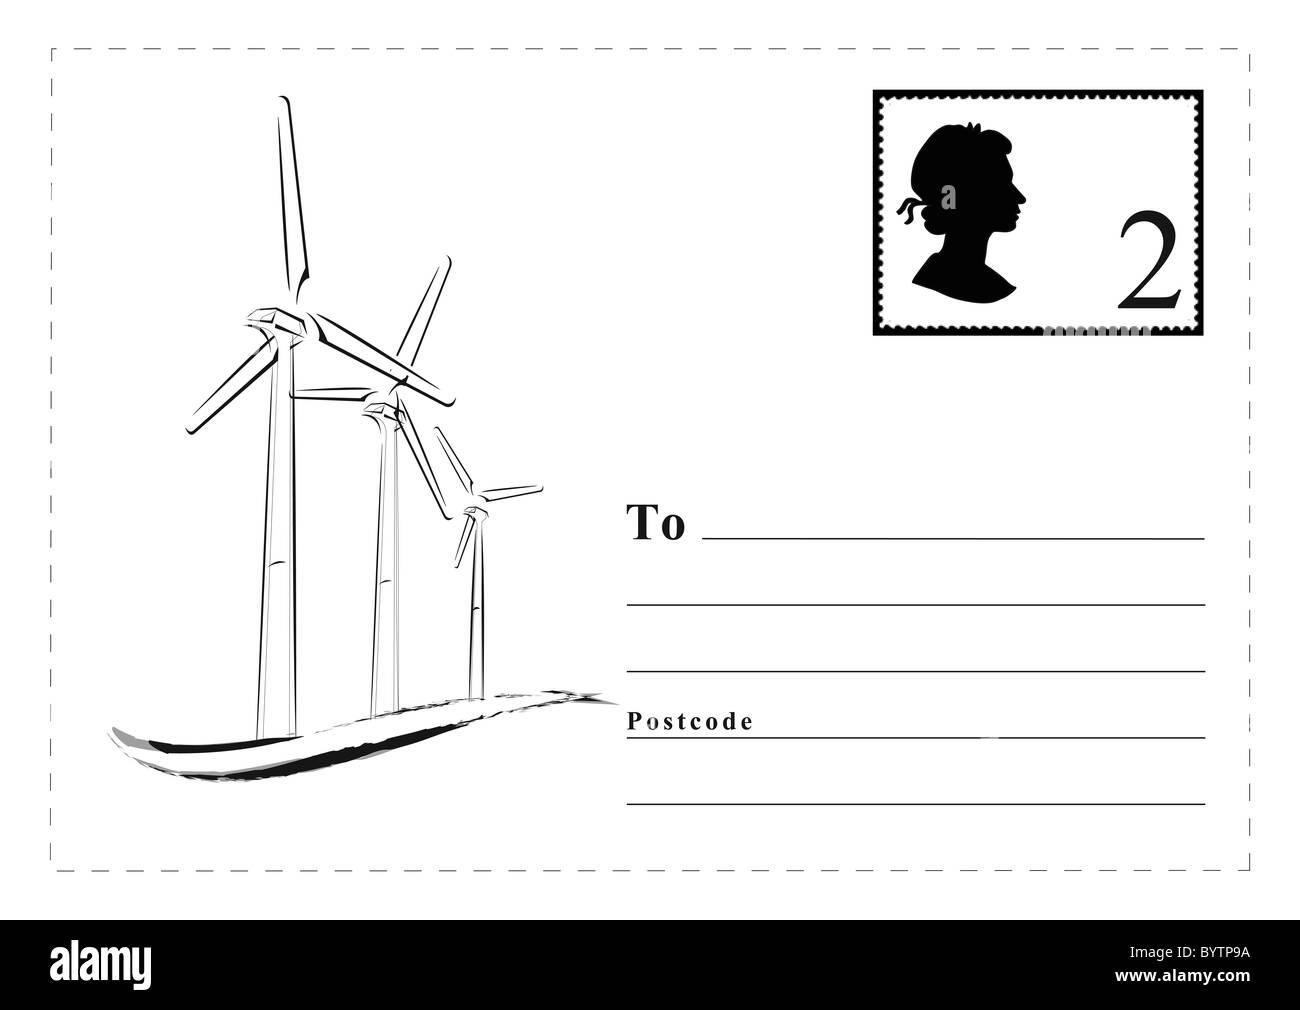 Schwarz / weiß Postkarte Vorlage, 2st Klasse Stempel Silhouette der Königin, skizziert bekannter Räume, Stockbild